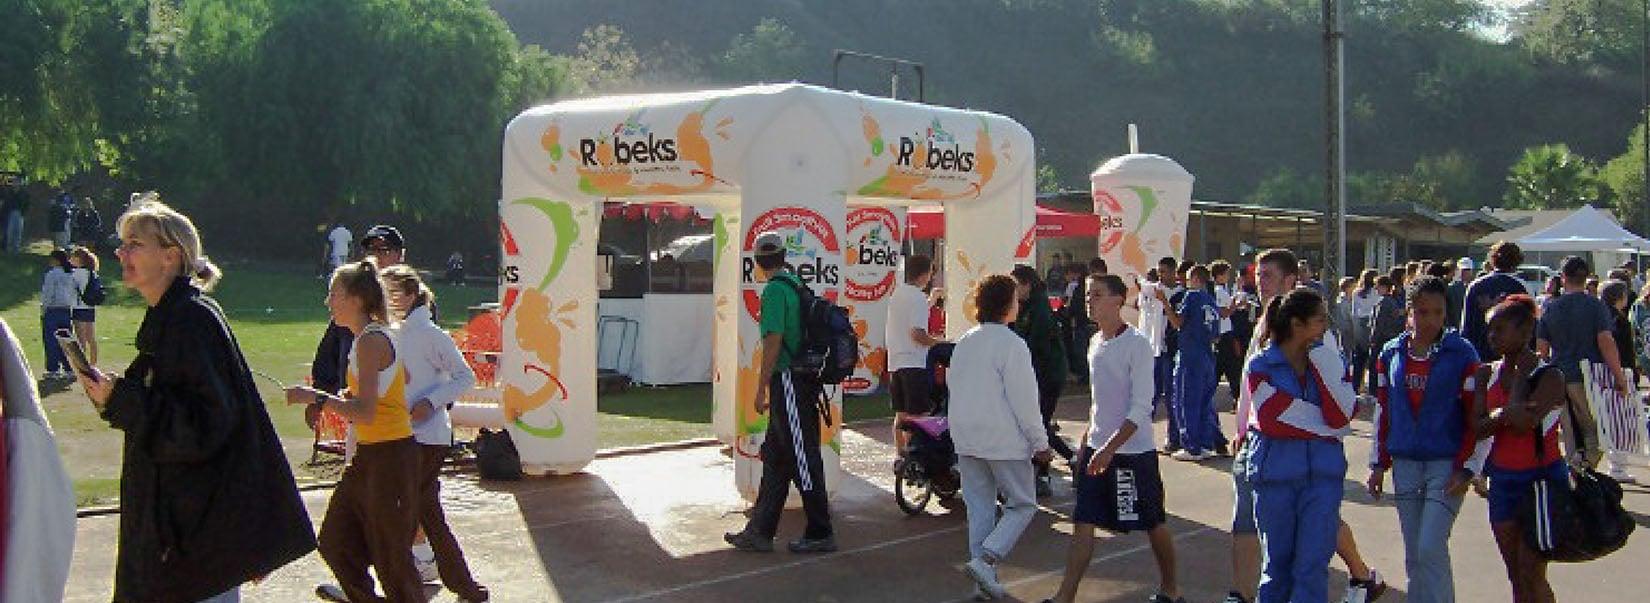 Robeks-inflatable-misting-tent-header.jpg